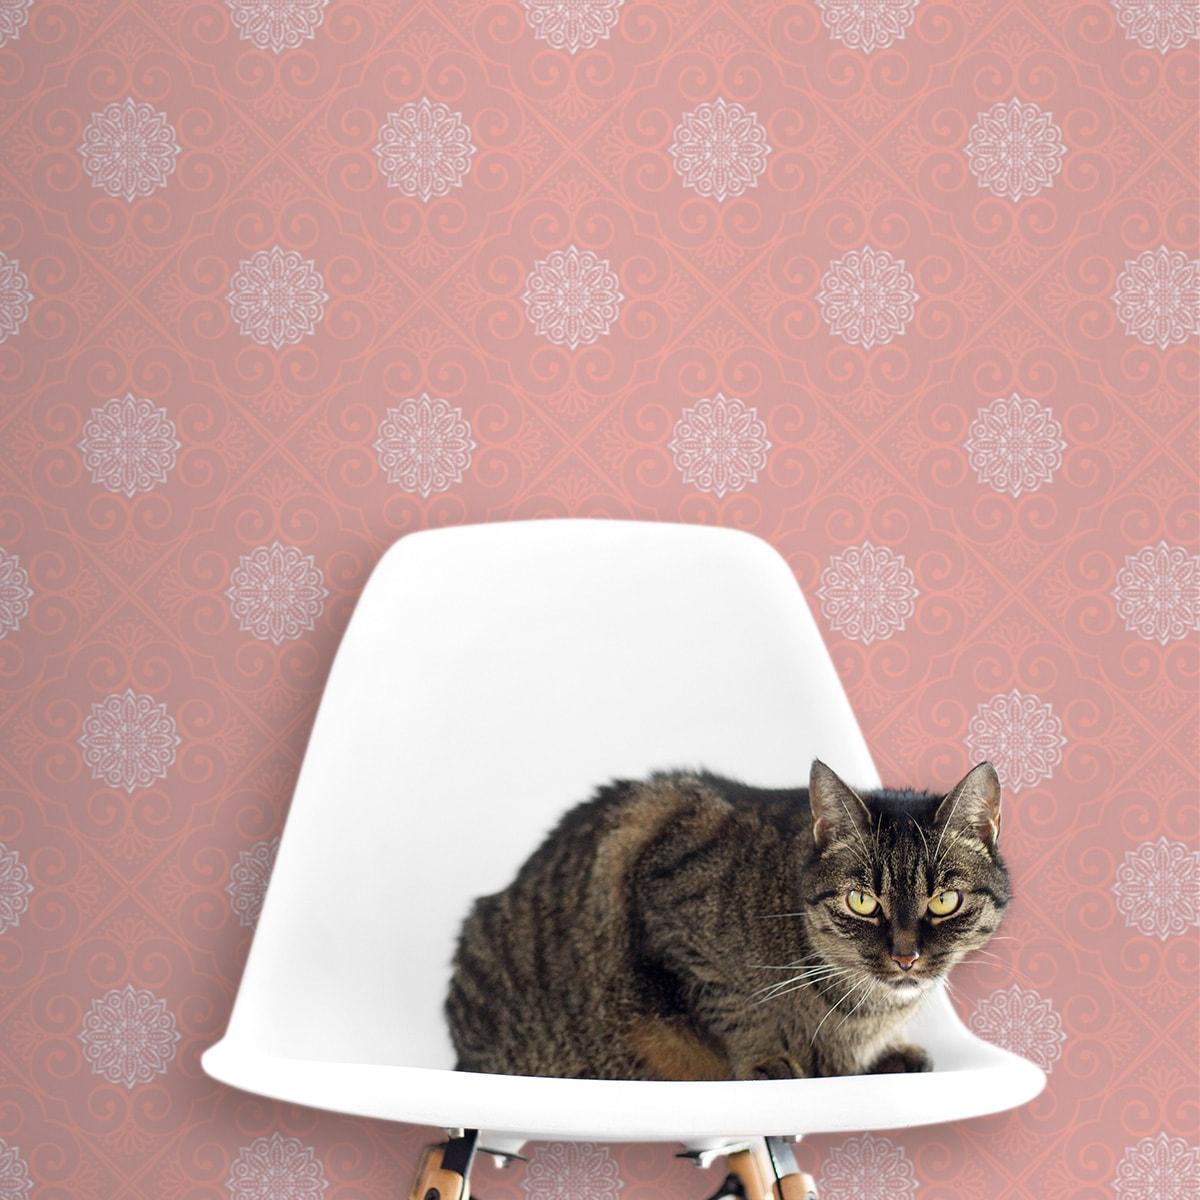 """Tapete für Büroräume pink: Oriental Tapete """"Mandarin"""", rosa Vlies Tapete exklusive Ornamenttapete für Flur, Büro"""